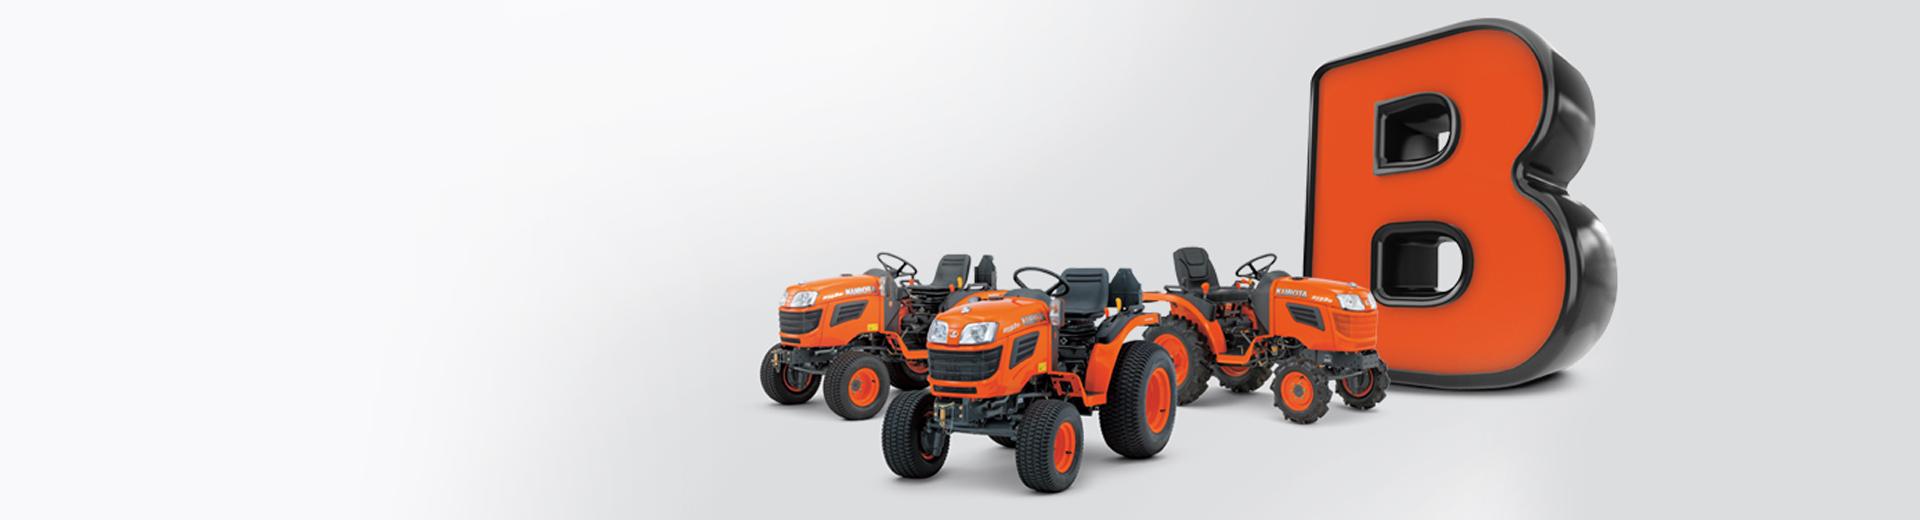 Miniciągniki Kubota z serii B20 I BX już od 6000 zł netto